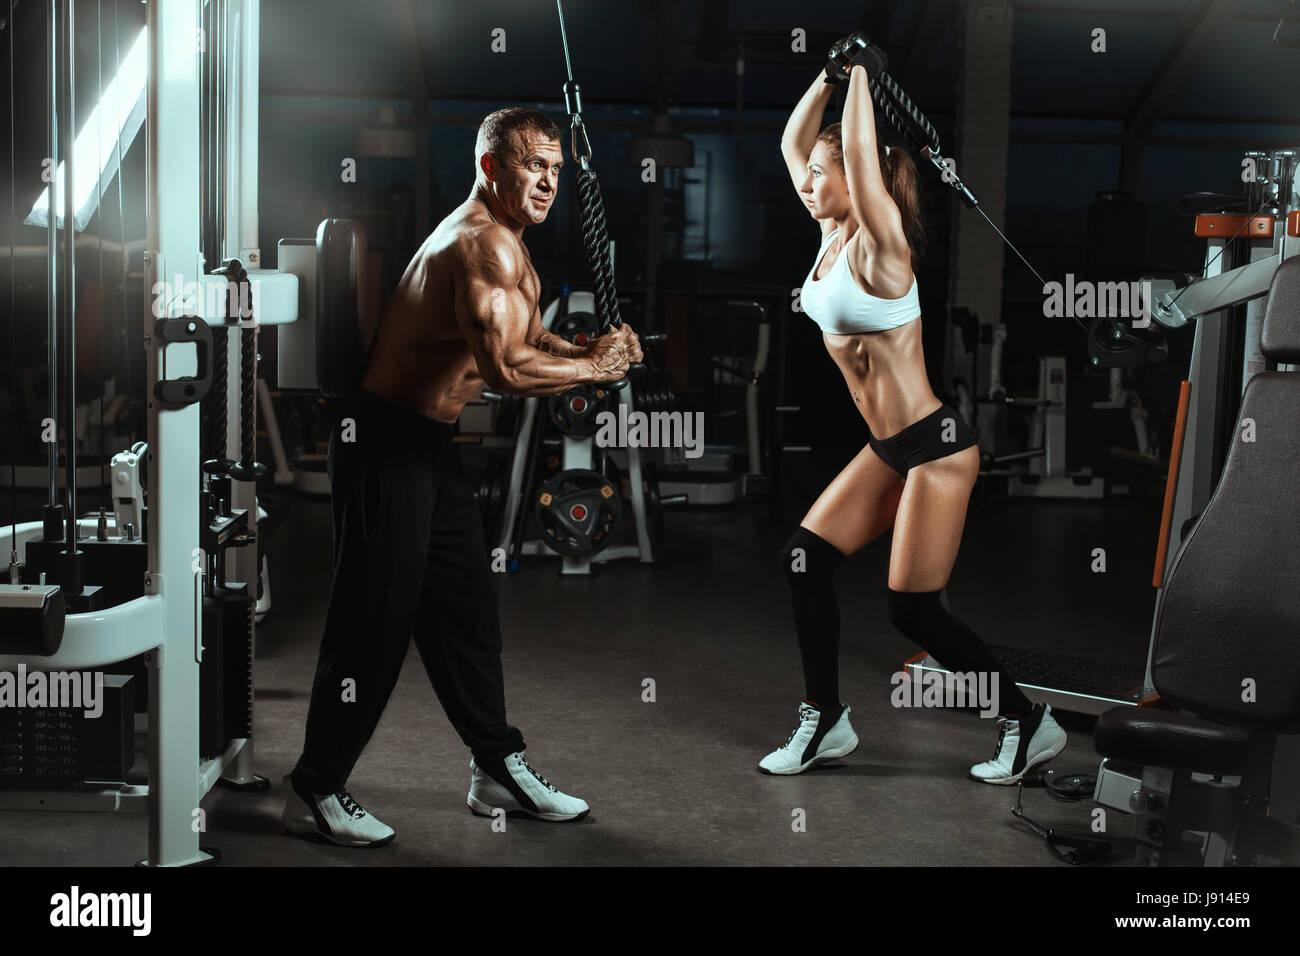 Hombre y mujer entrenados músculos en el gimnasio. Se entrenan con máquinas para culturistas. Imagen De Stock